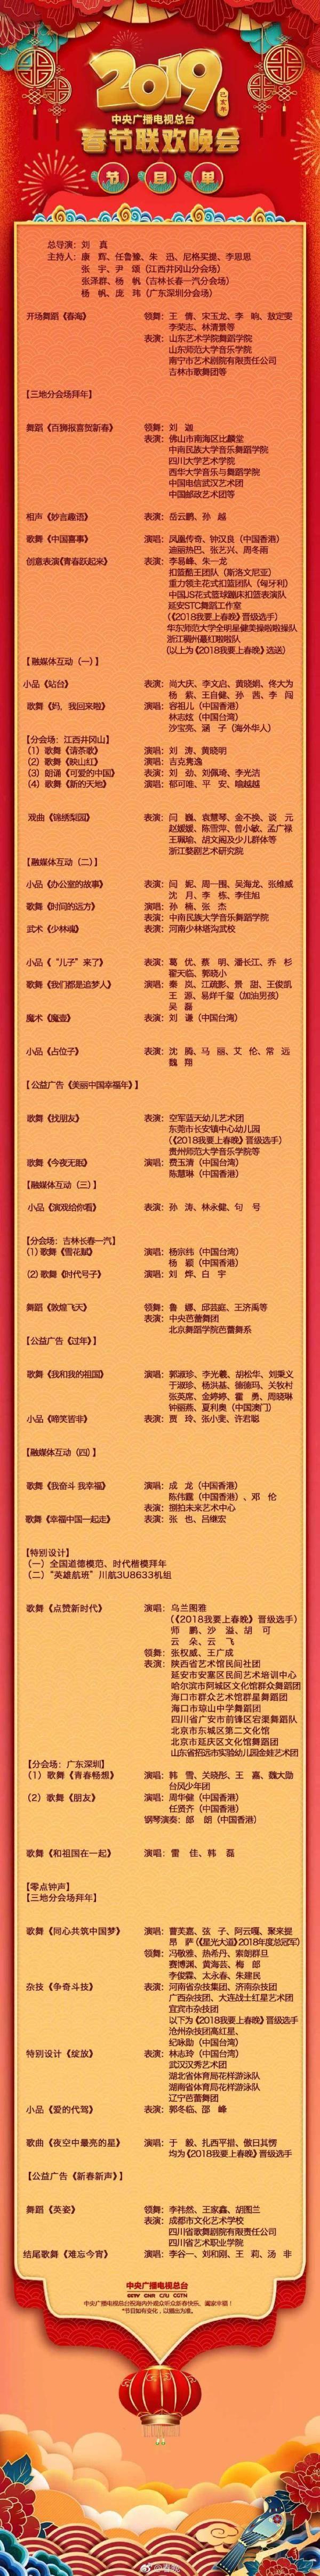 2019年央视春晚节目单来啦!